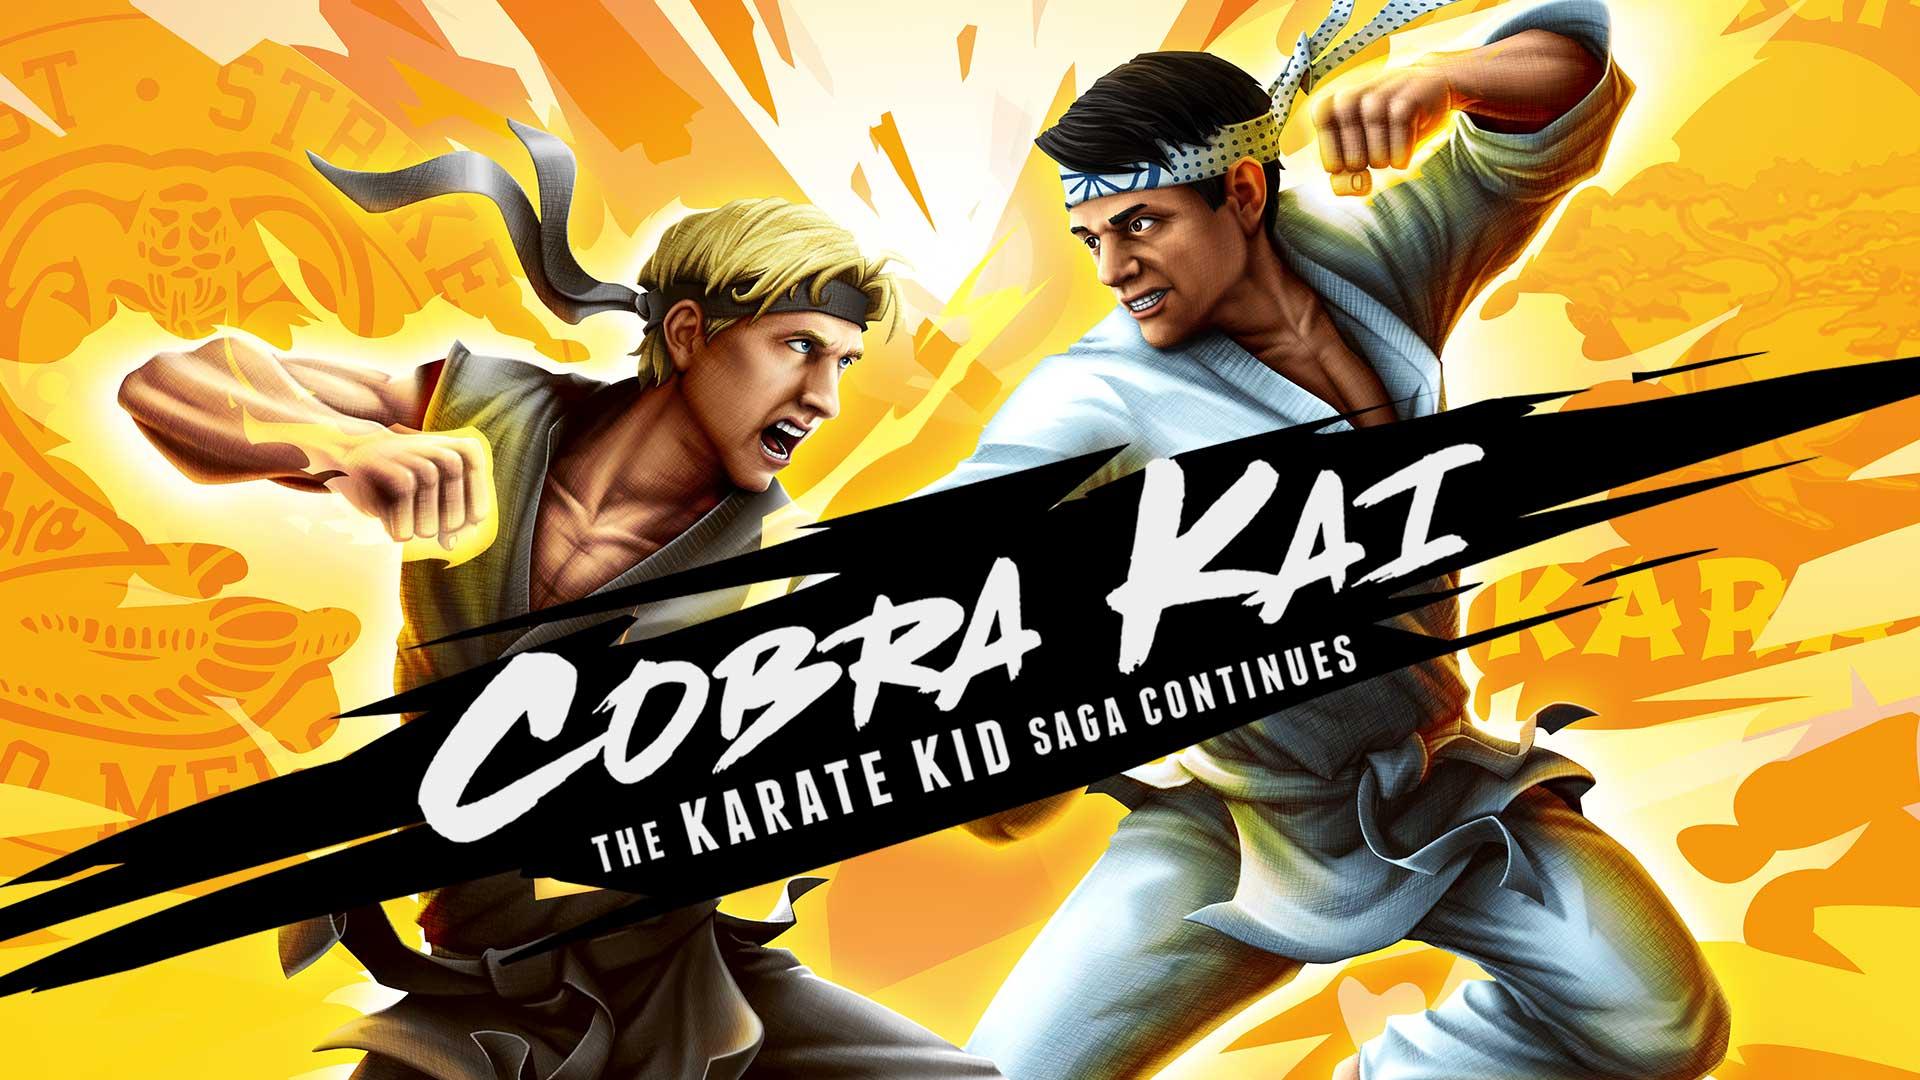 Cobra Kai: The Karate Kid Saga Continues Key Art Noch mehr Spiele für den Lockdown